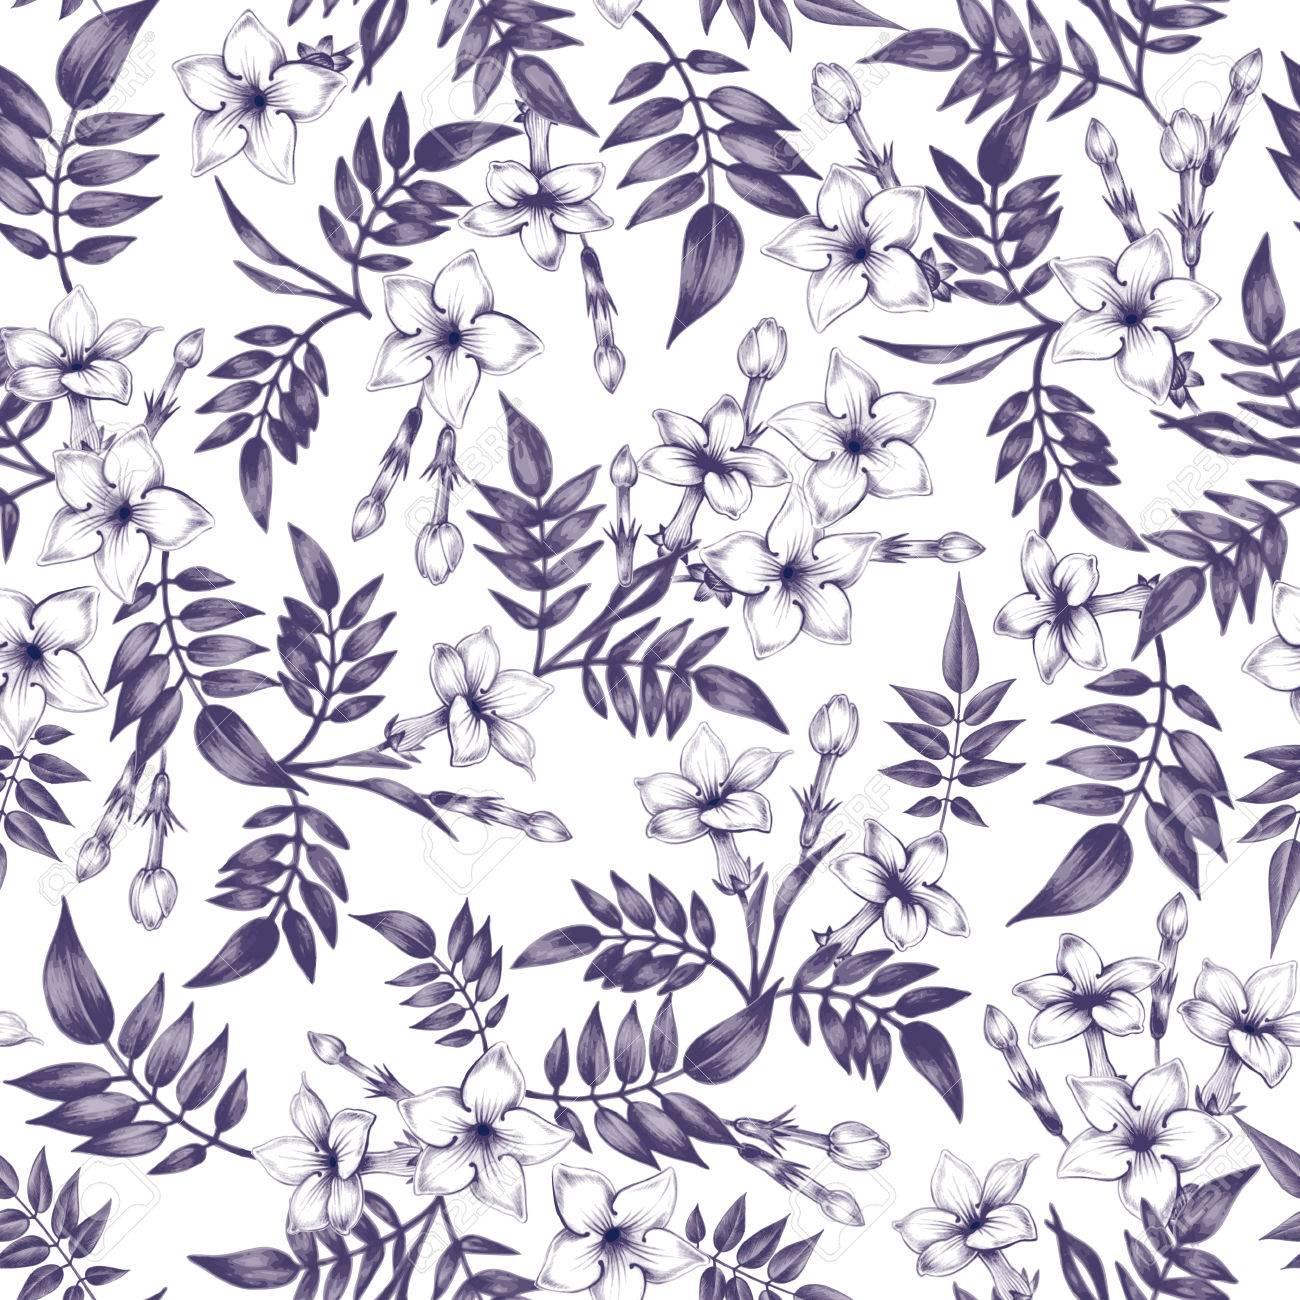 ベクターのシームレスな背景 ジャスミンの花 生地 織物 紙 壁紙 Web のデザイン ヴィンテージ 花の飾り 黒と白 のイラスト素材 ベクタ Image